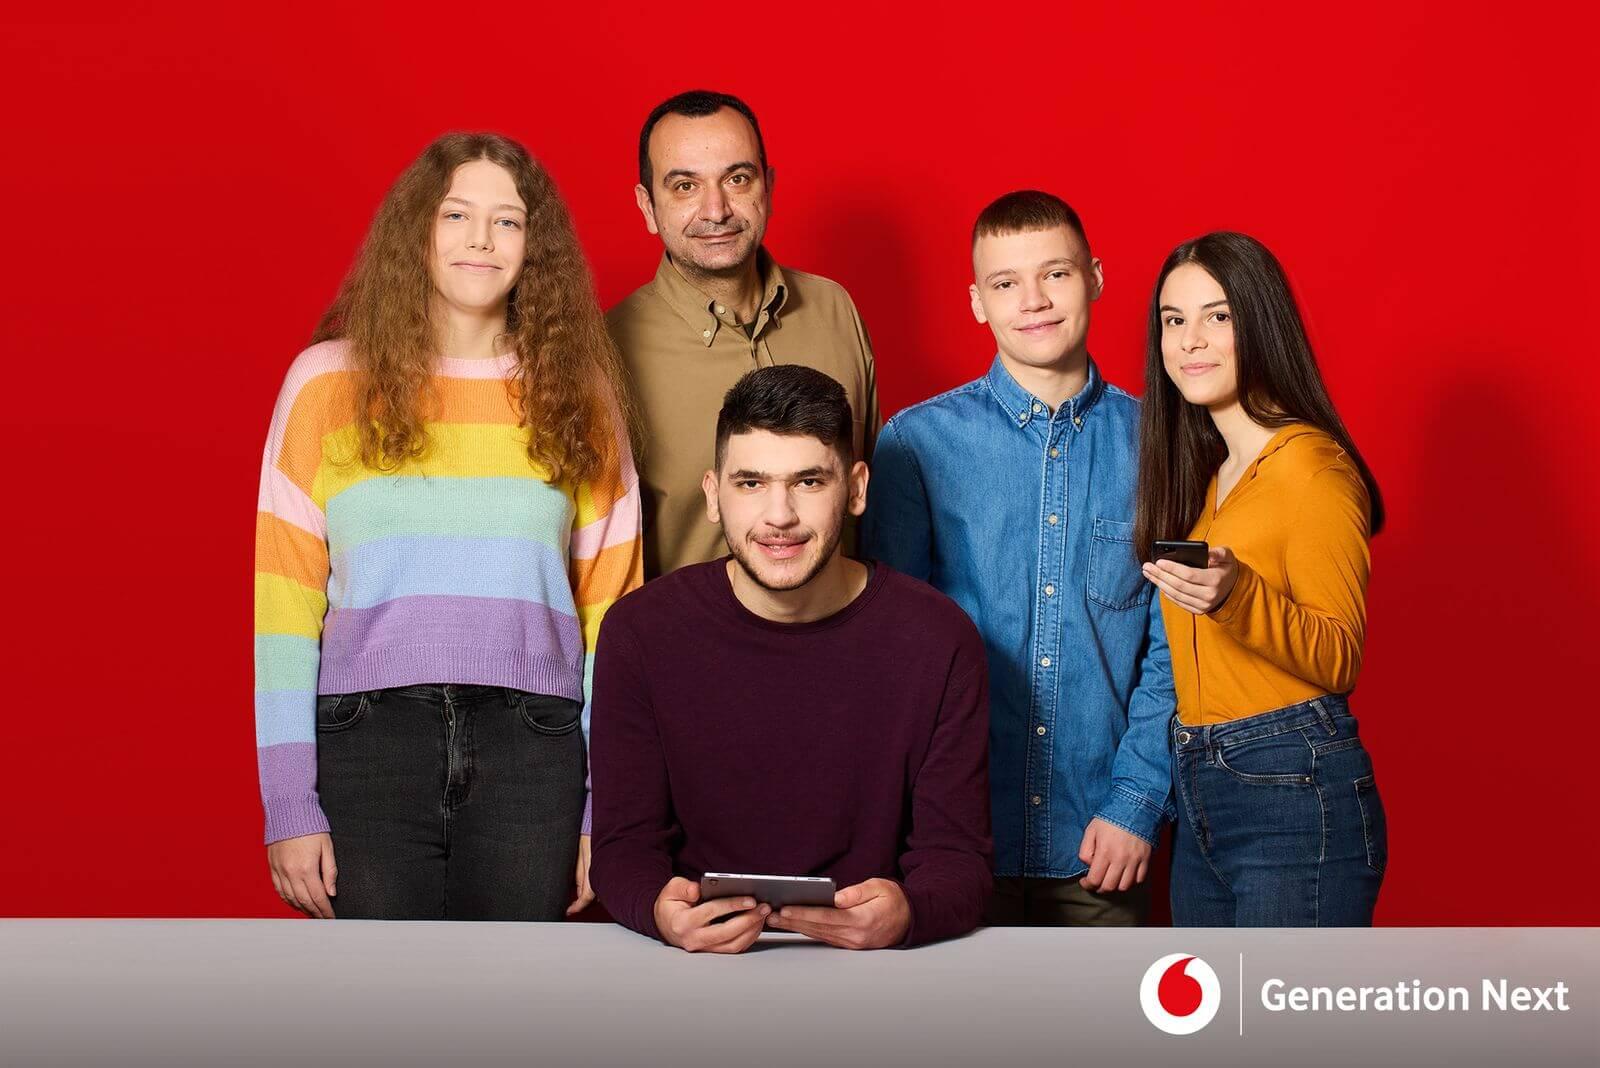 Οι μαθητές: Μαρία Κωστάκη, Αποστόλης Μηλιώτης, Κατερίνα Τεντολούρη, Βαγγέλης Τσίπρας και ο καθηγητής Δημήτρης Μπάνος μαζί τους